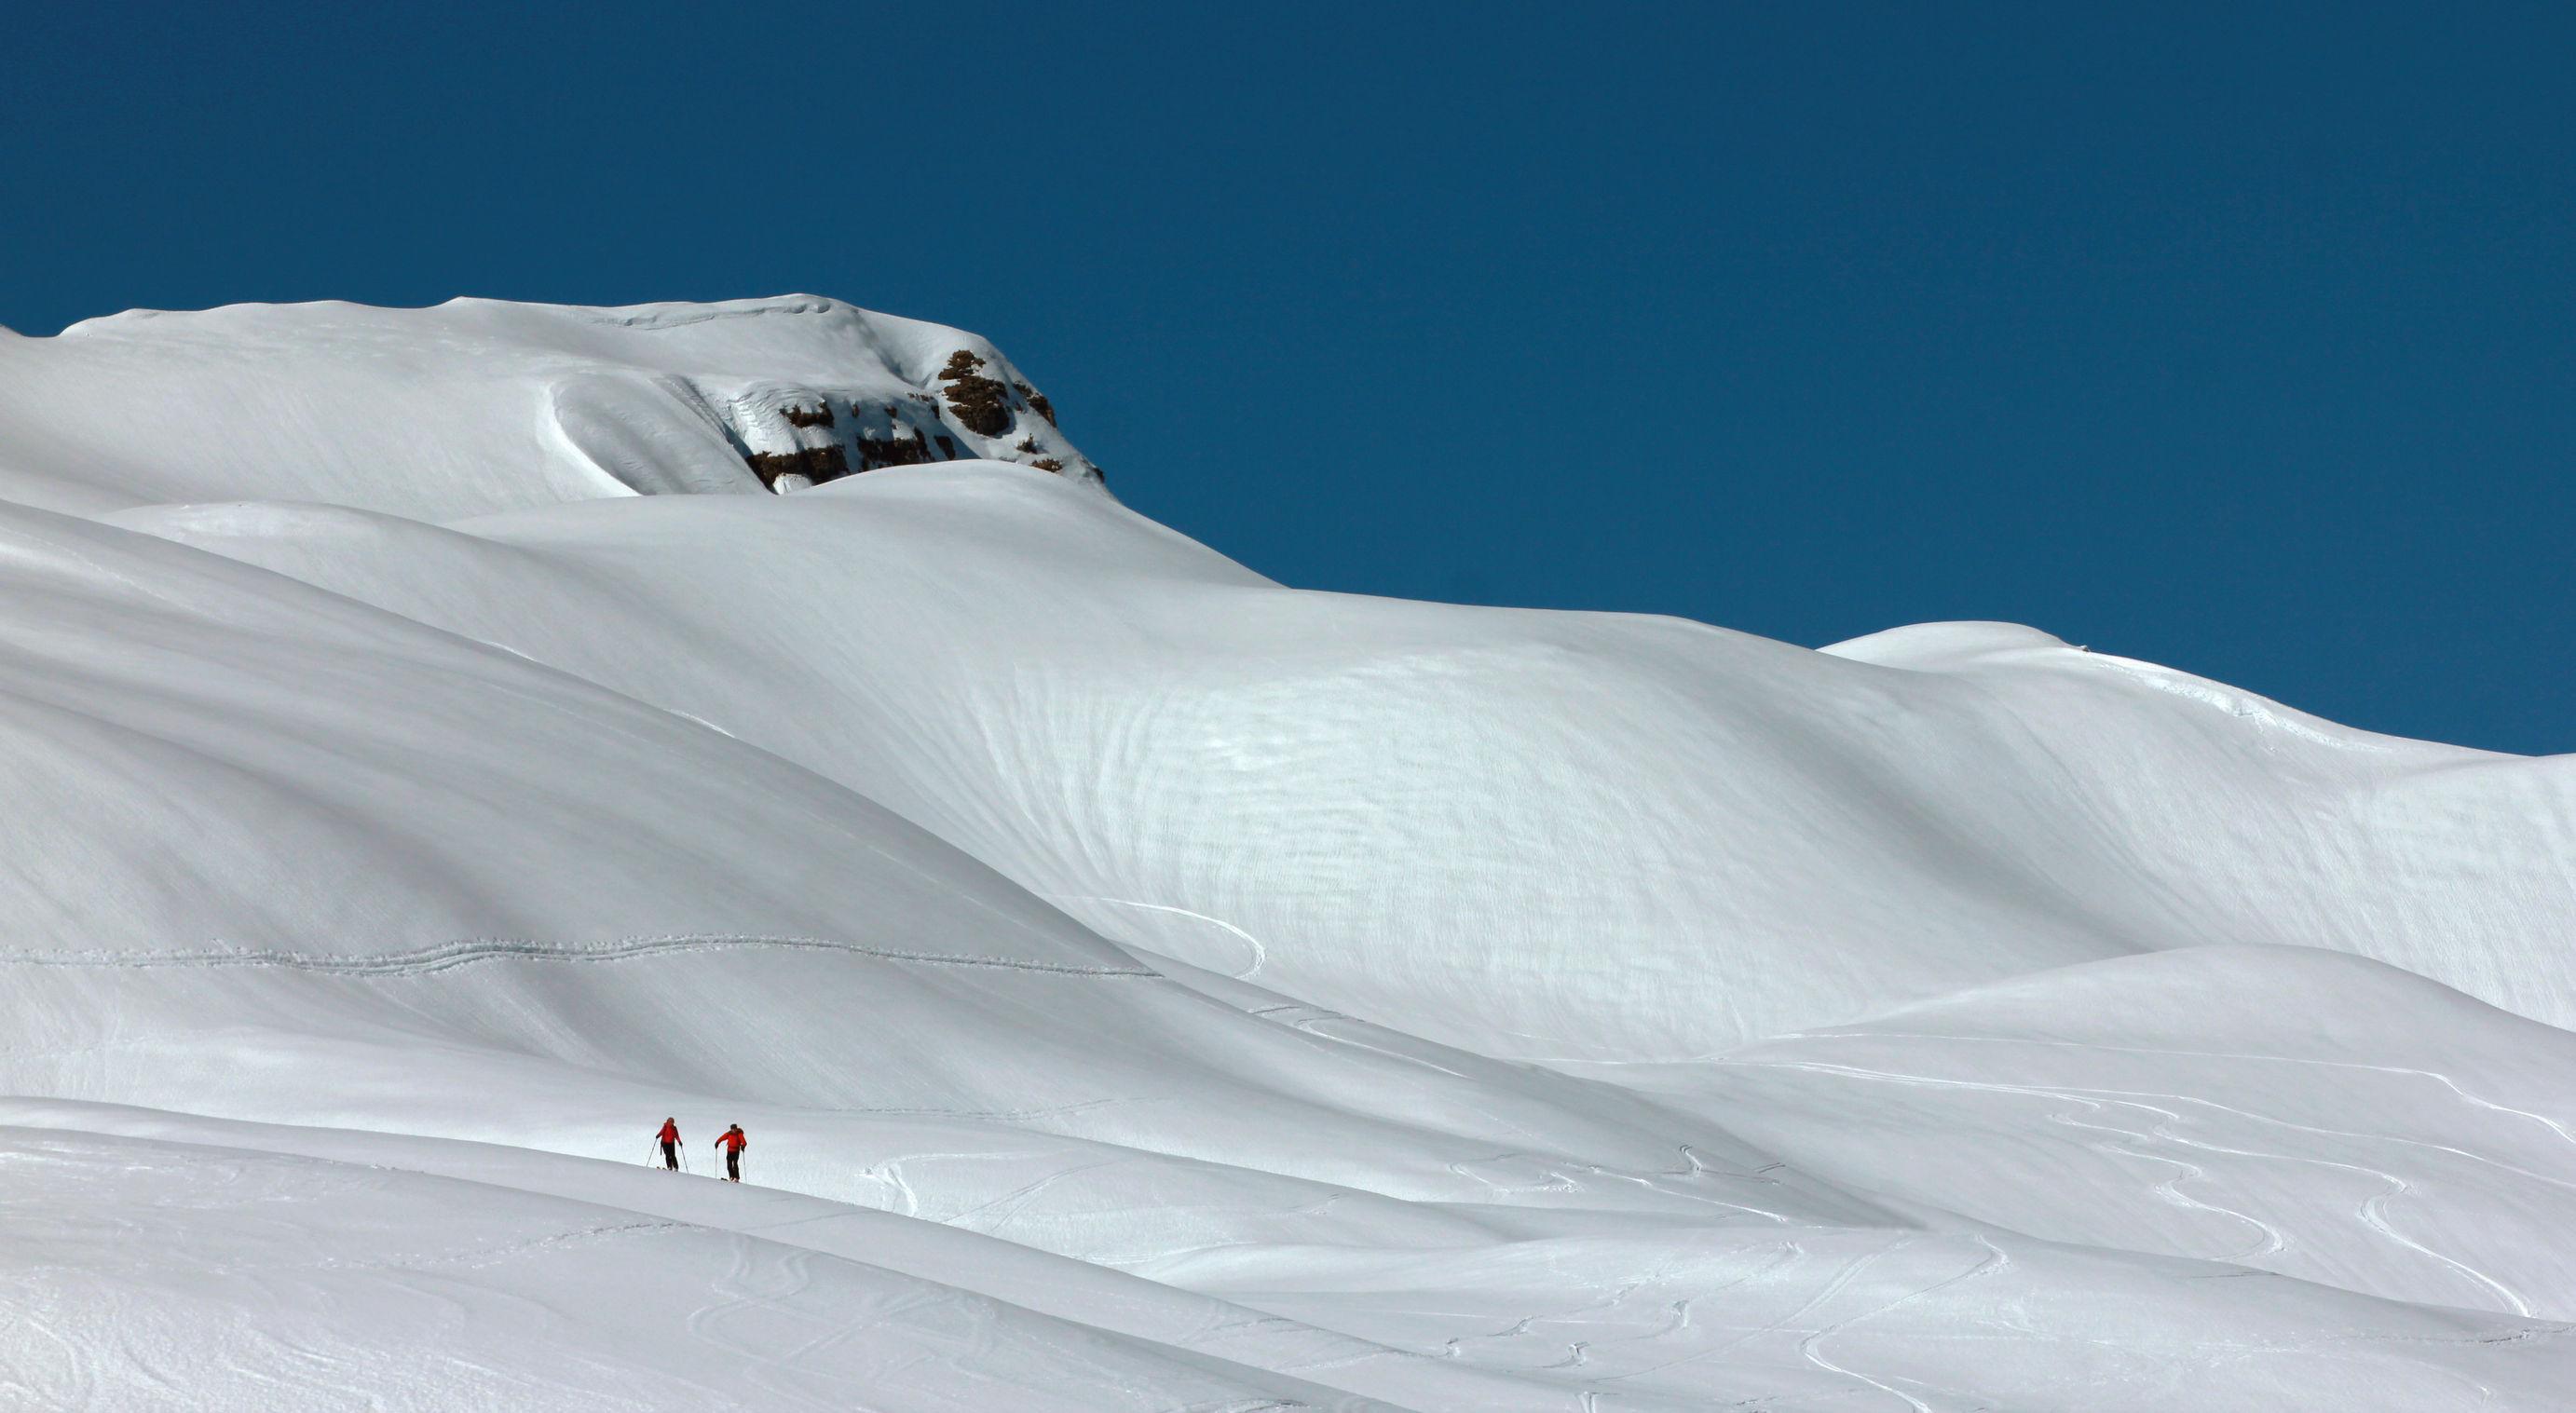 Mii de turişti, blocaţi în staţiuni montane din Elveţia, Franţa şi Italia, în urma ninsorilor abundente / În Zermatt, riscul de producere a avalanşelor este la cel mai înalt nivel din ultimii 10 ani